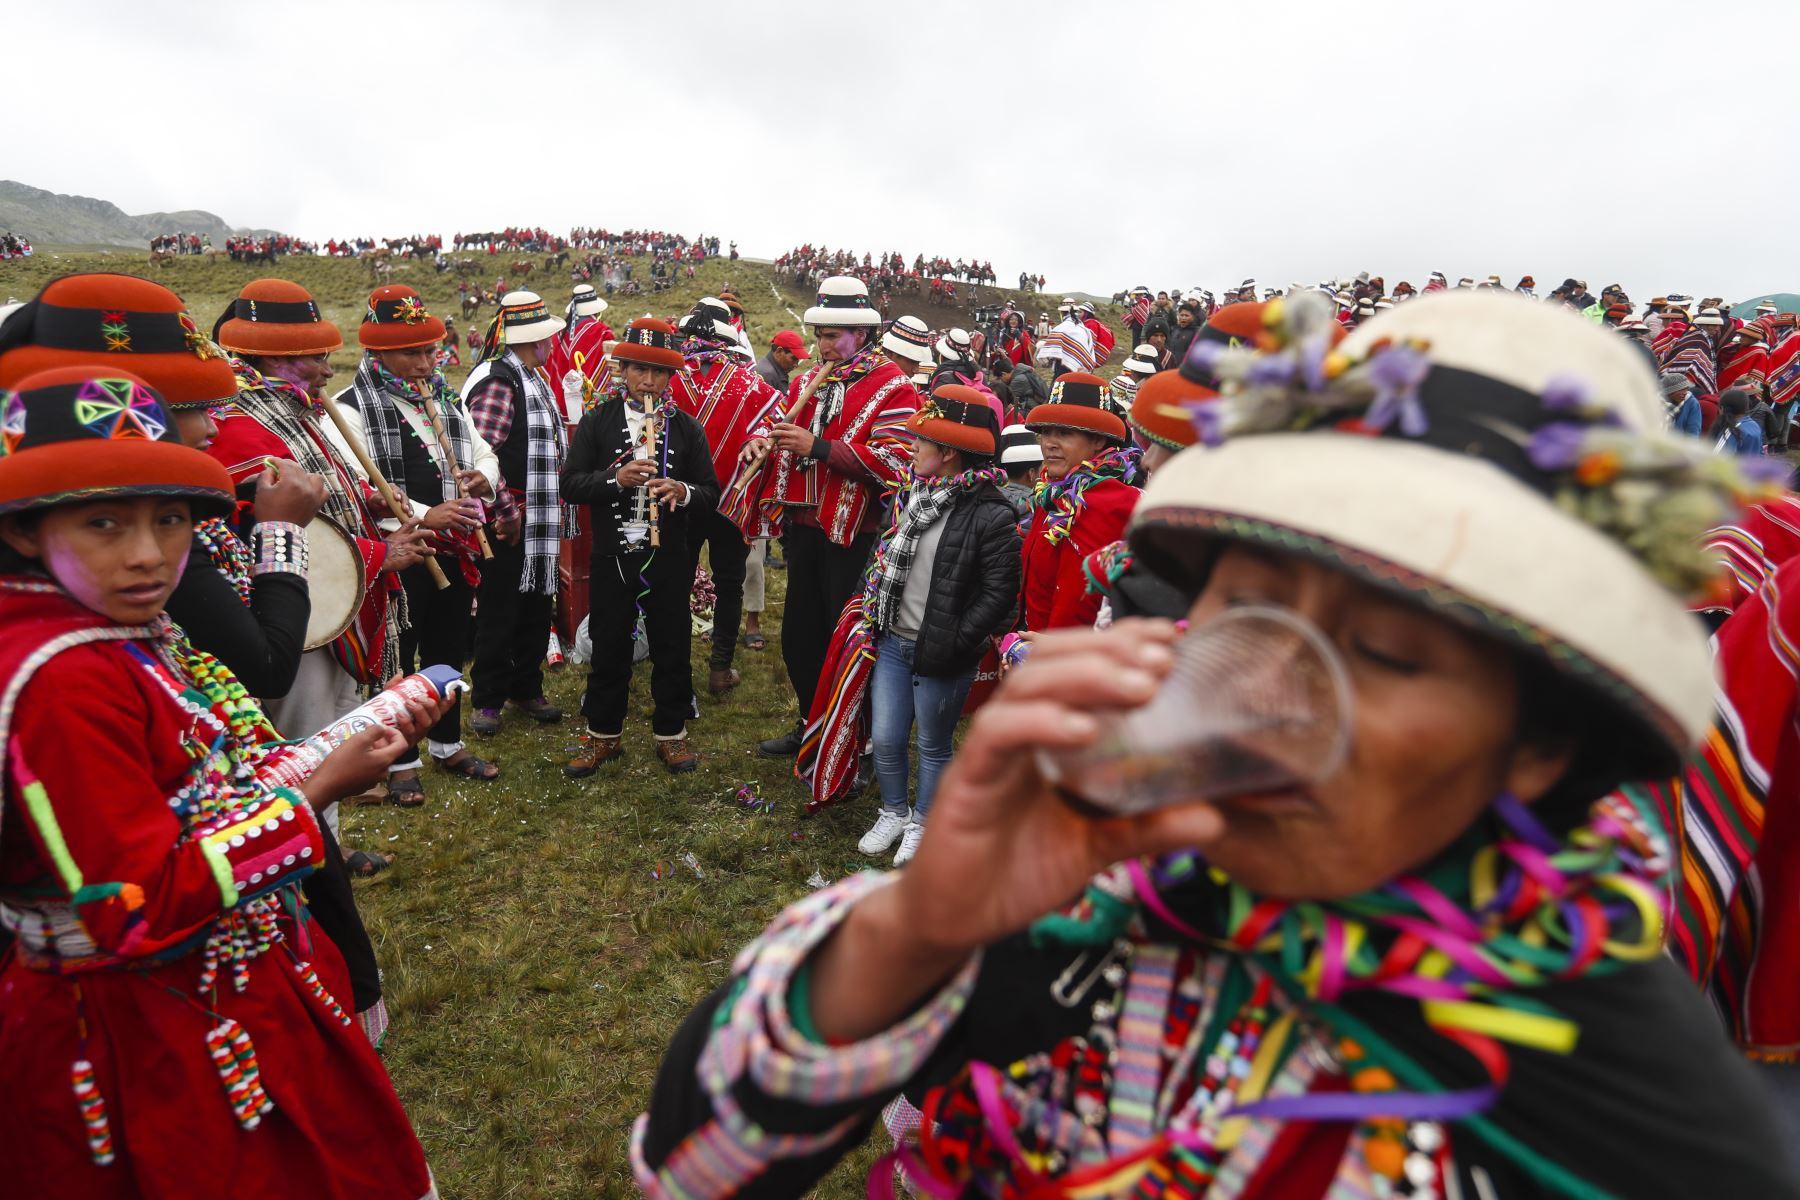 Familias y amistades comparten algunos vasos de trago para calentar el cuerpo durante la fría mañana. Foto: ANDINA/Renato Pajuelo